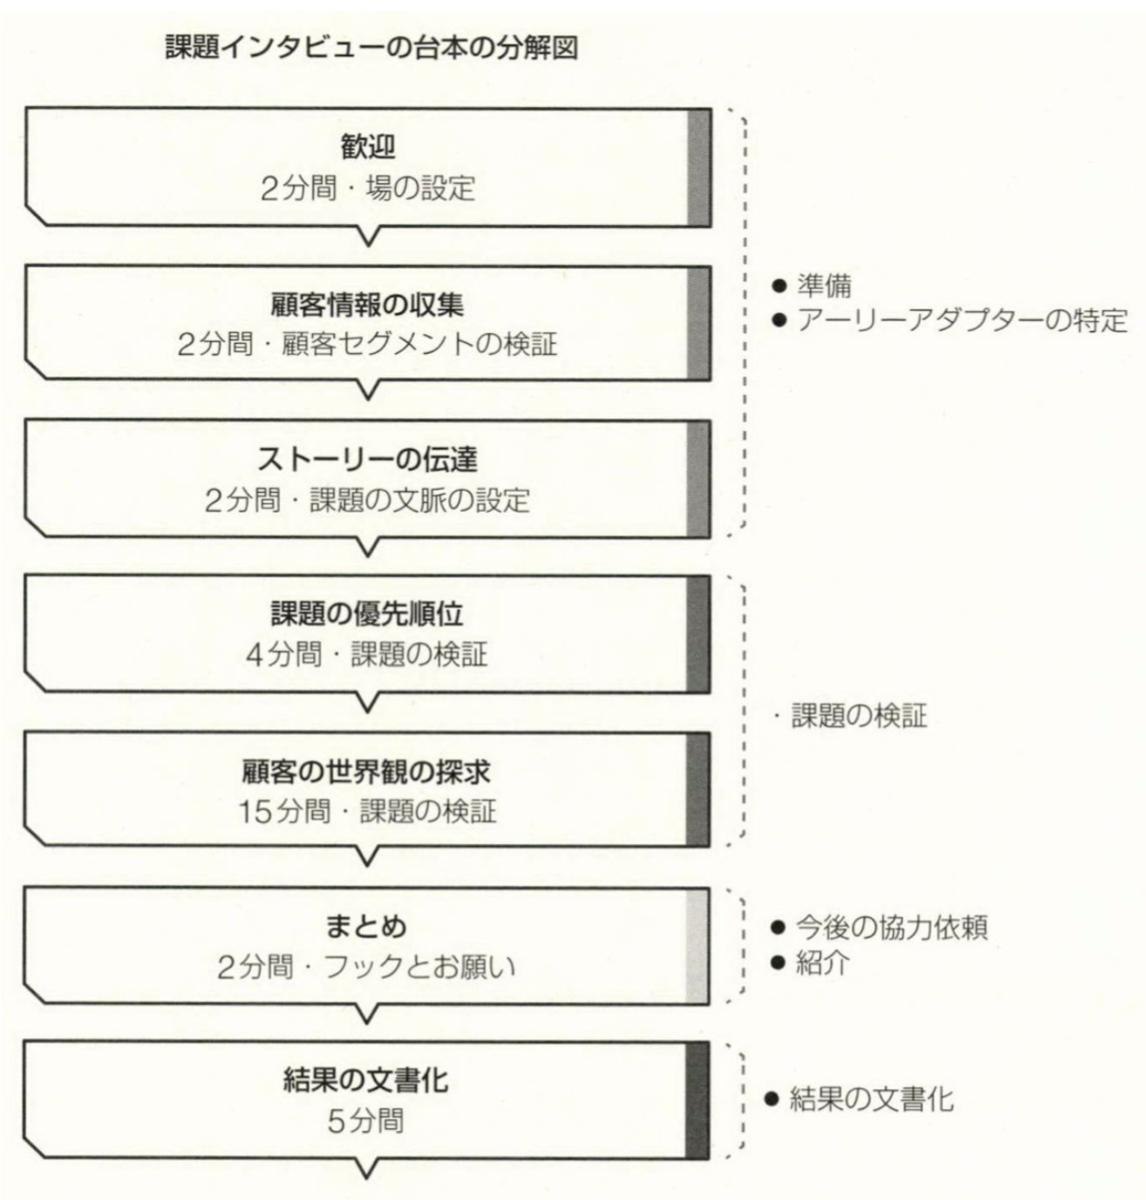 f:id:yuzutas0:20210322220719p:plain:w200